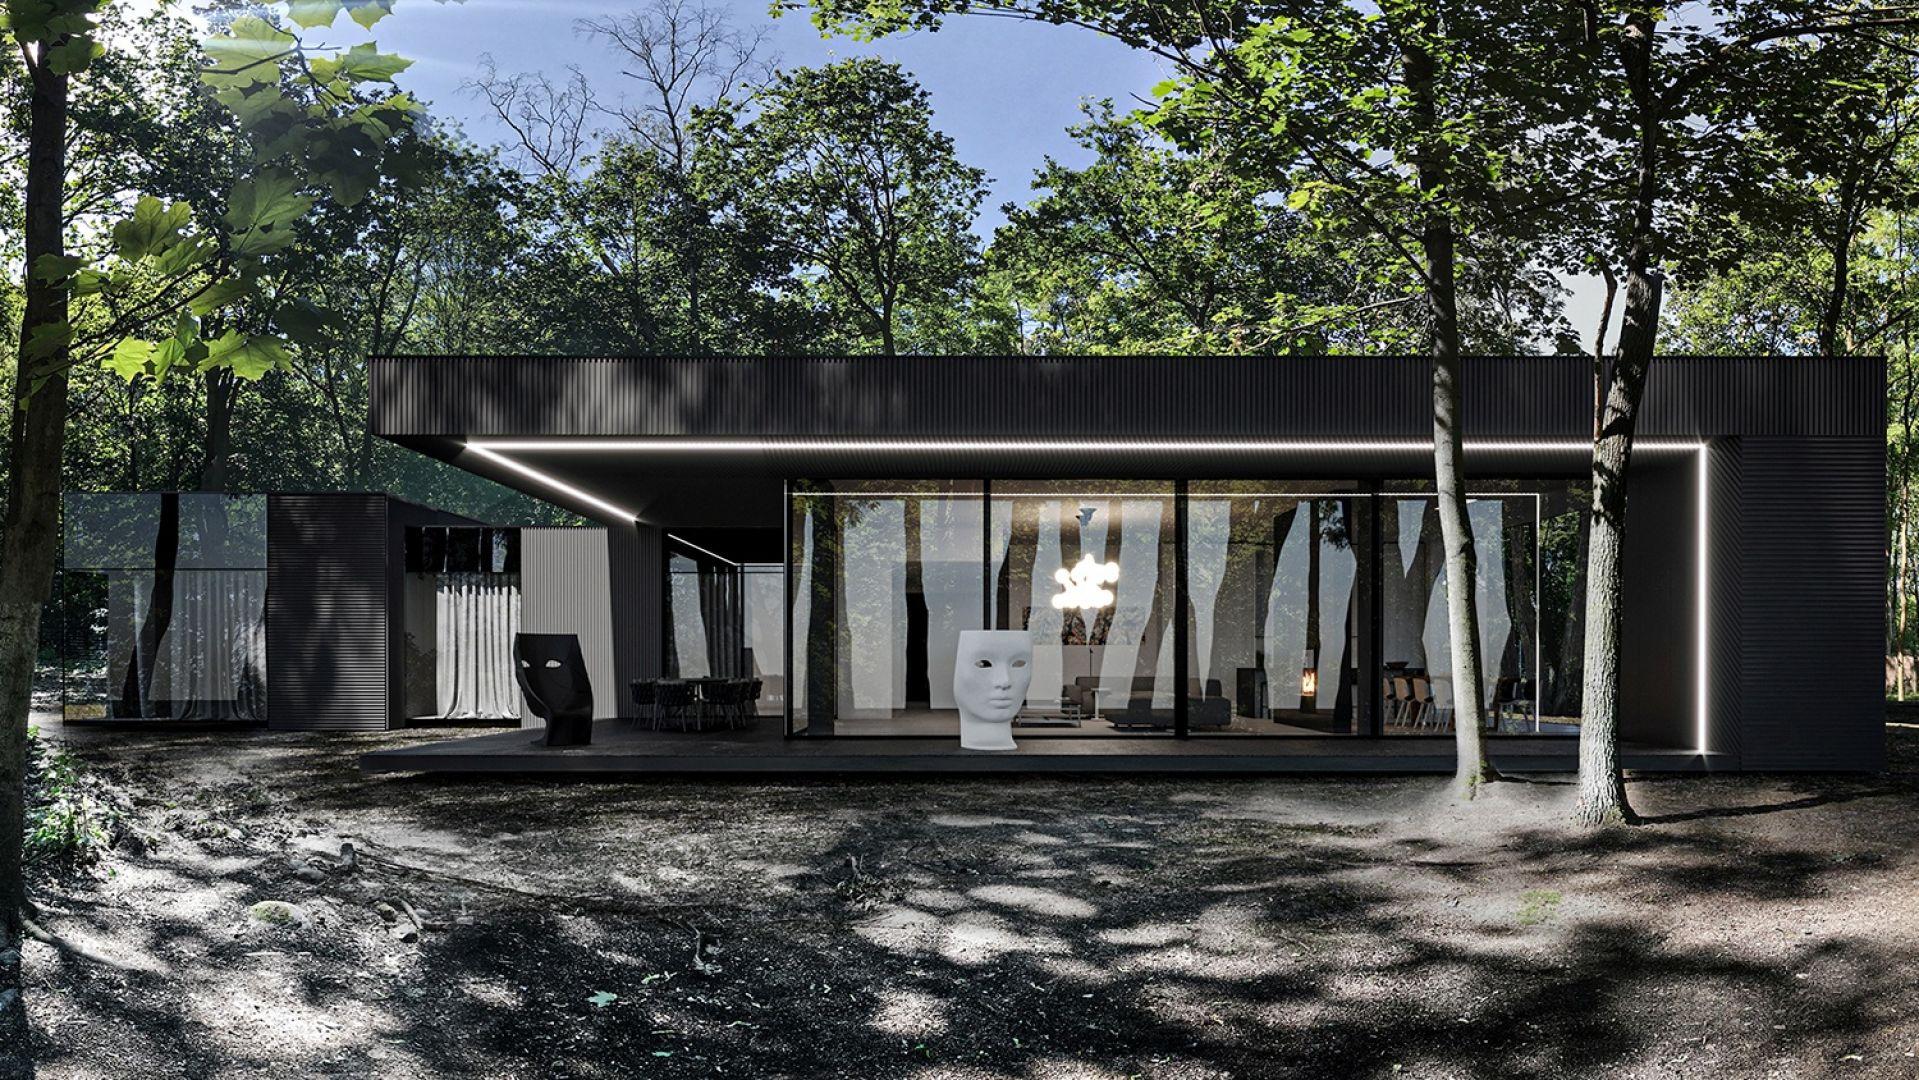 Dark House będzie miał powierzchnię 320 m². Zostanie zbudowany na działce liczącej 3.000 m². Fot. REFORM Architekt